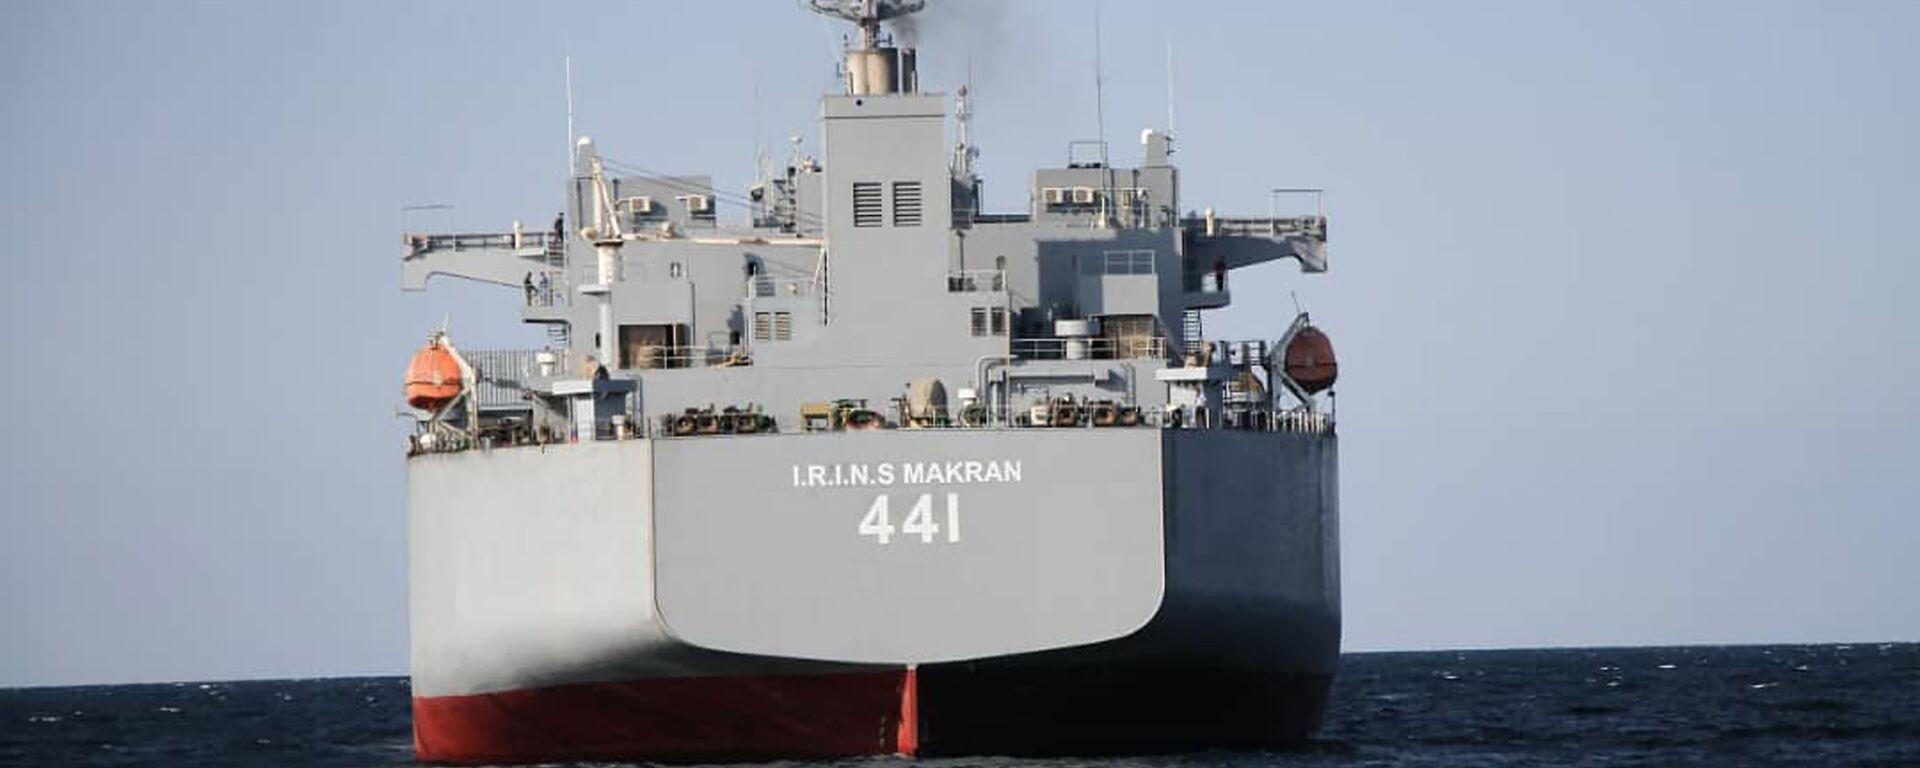 La nave iraniana Makran - Sputnik Italia, 1920, 03.06.2021